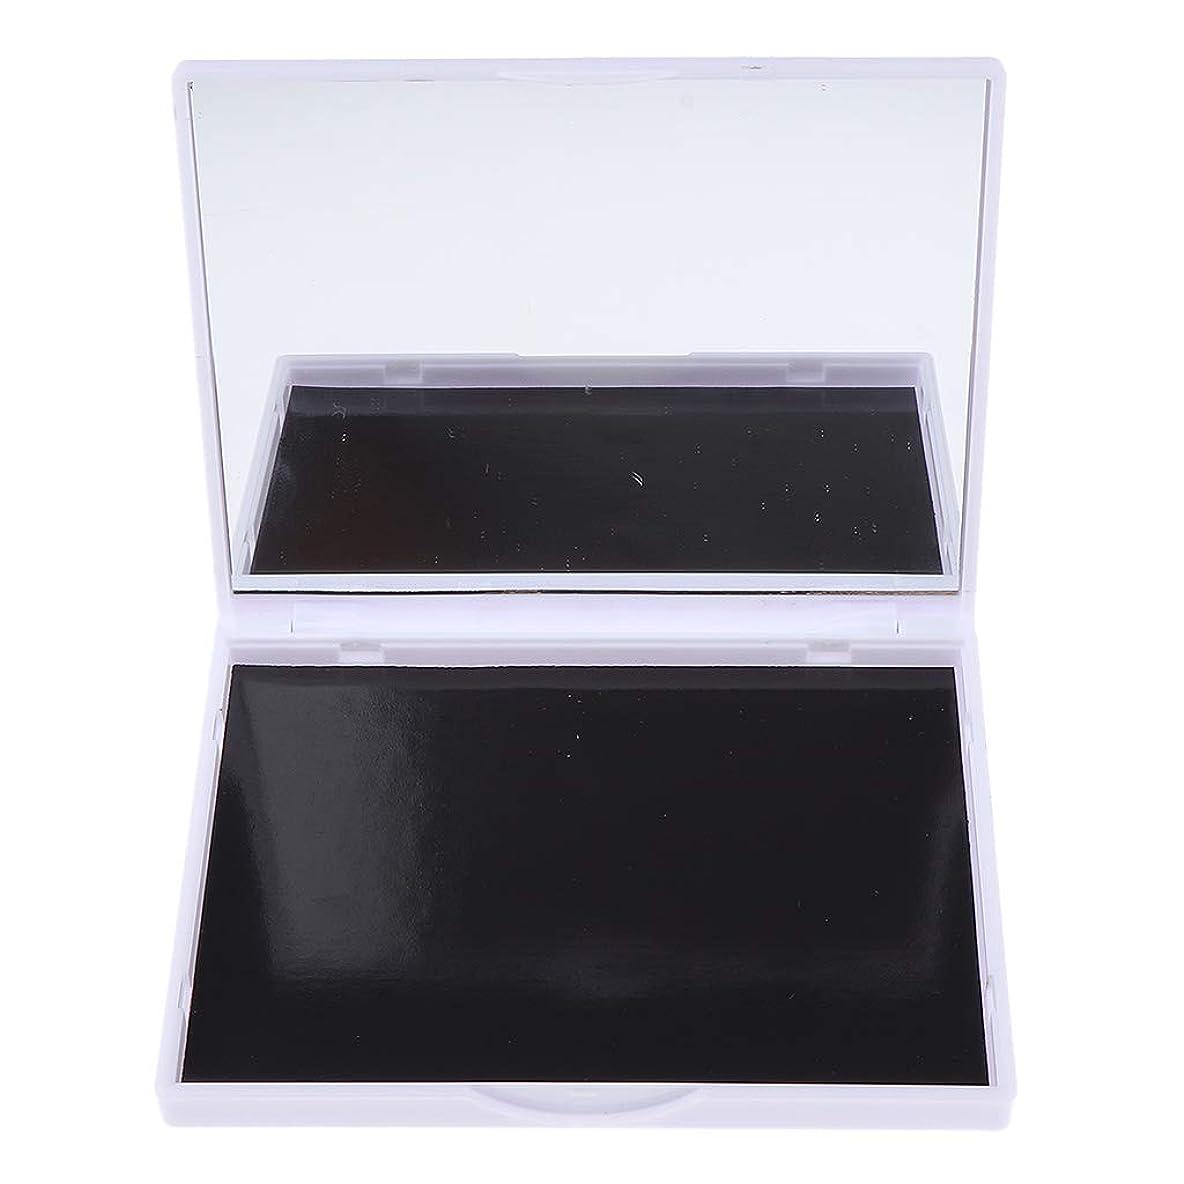 謝る予測リングバックB Blesiya 磁気パレット メイクアップパレット ミラー付き 4タイプ選べ - キューピッドソード